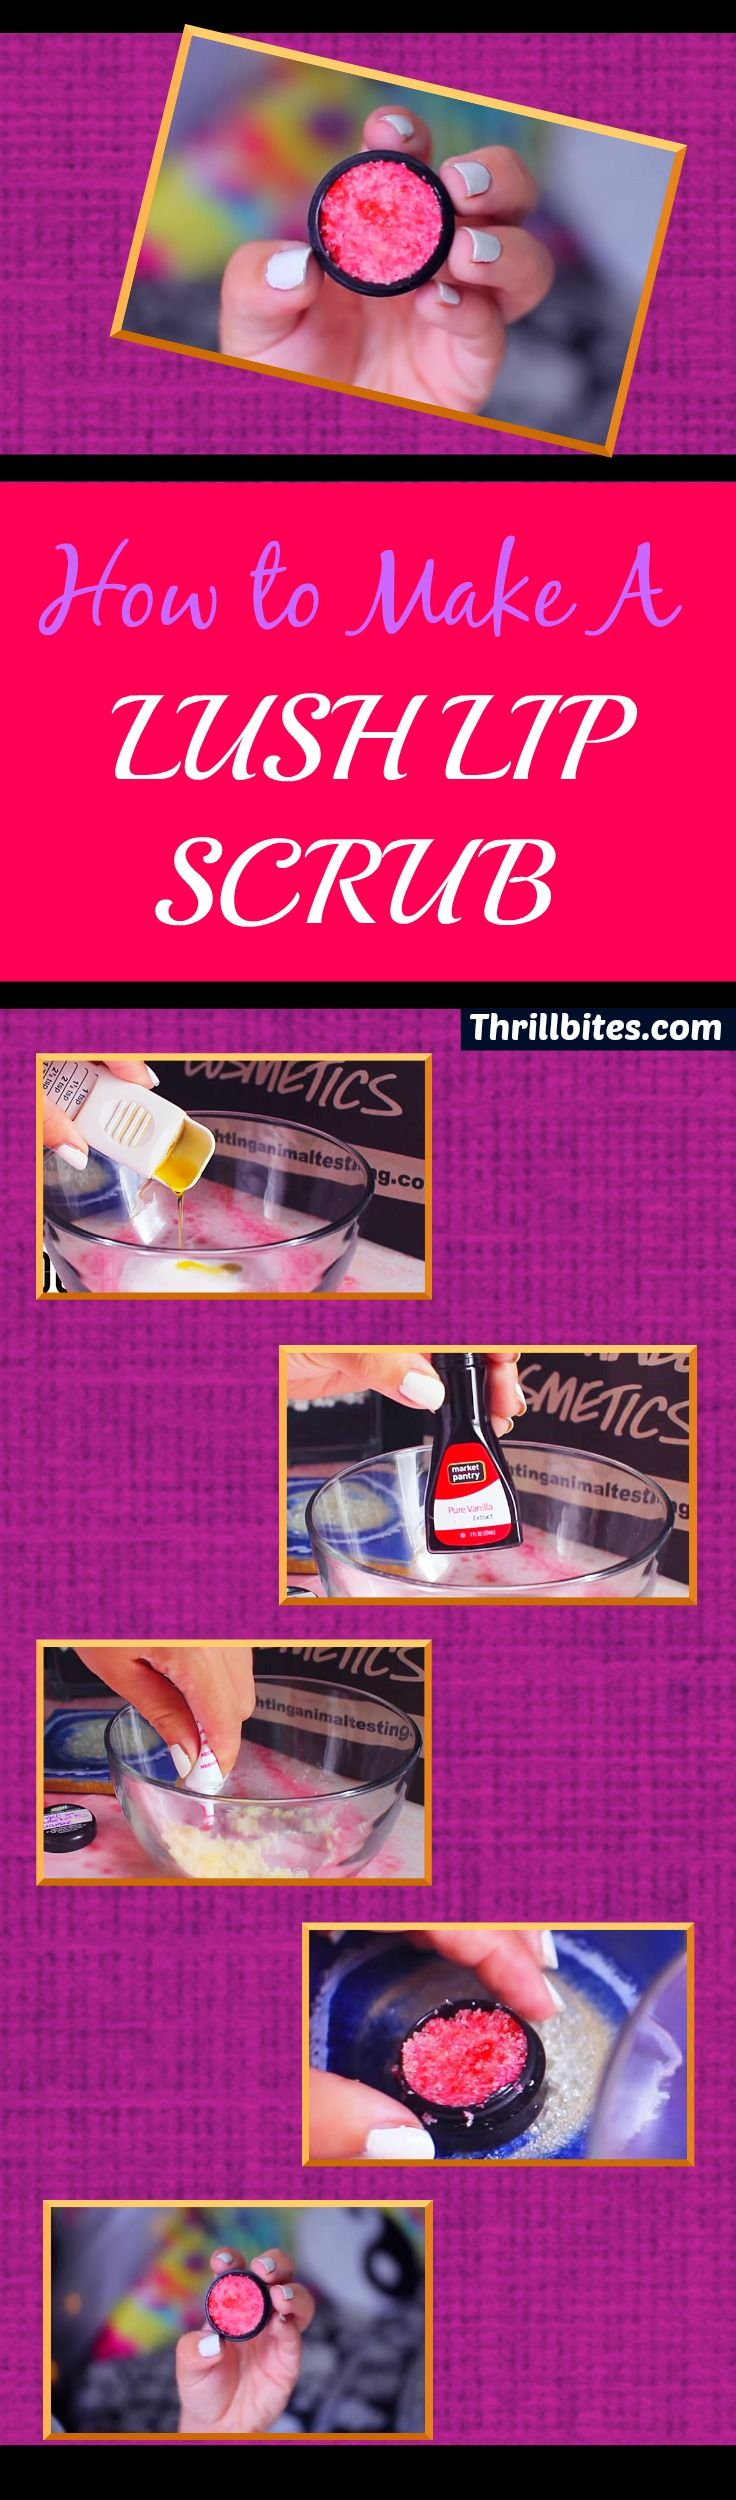 DIY Lush Lip Scrub | DIY Crafts | DIY Projects | DIY Beauty IdeasDIY Lush Lip Scrub